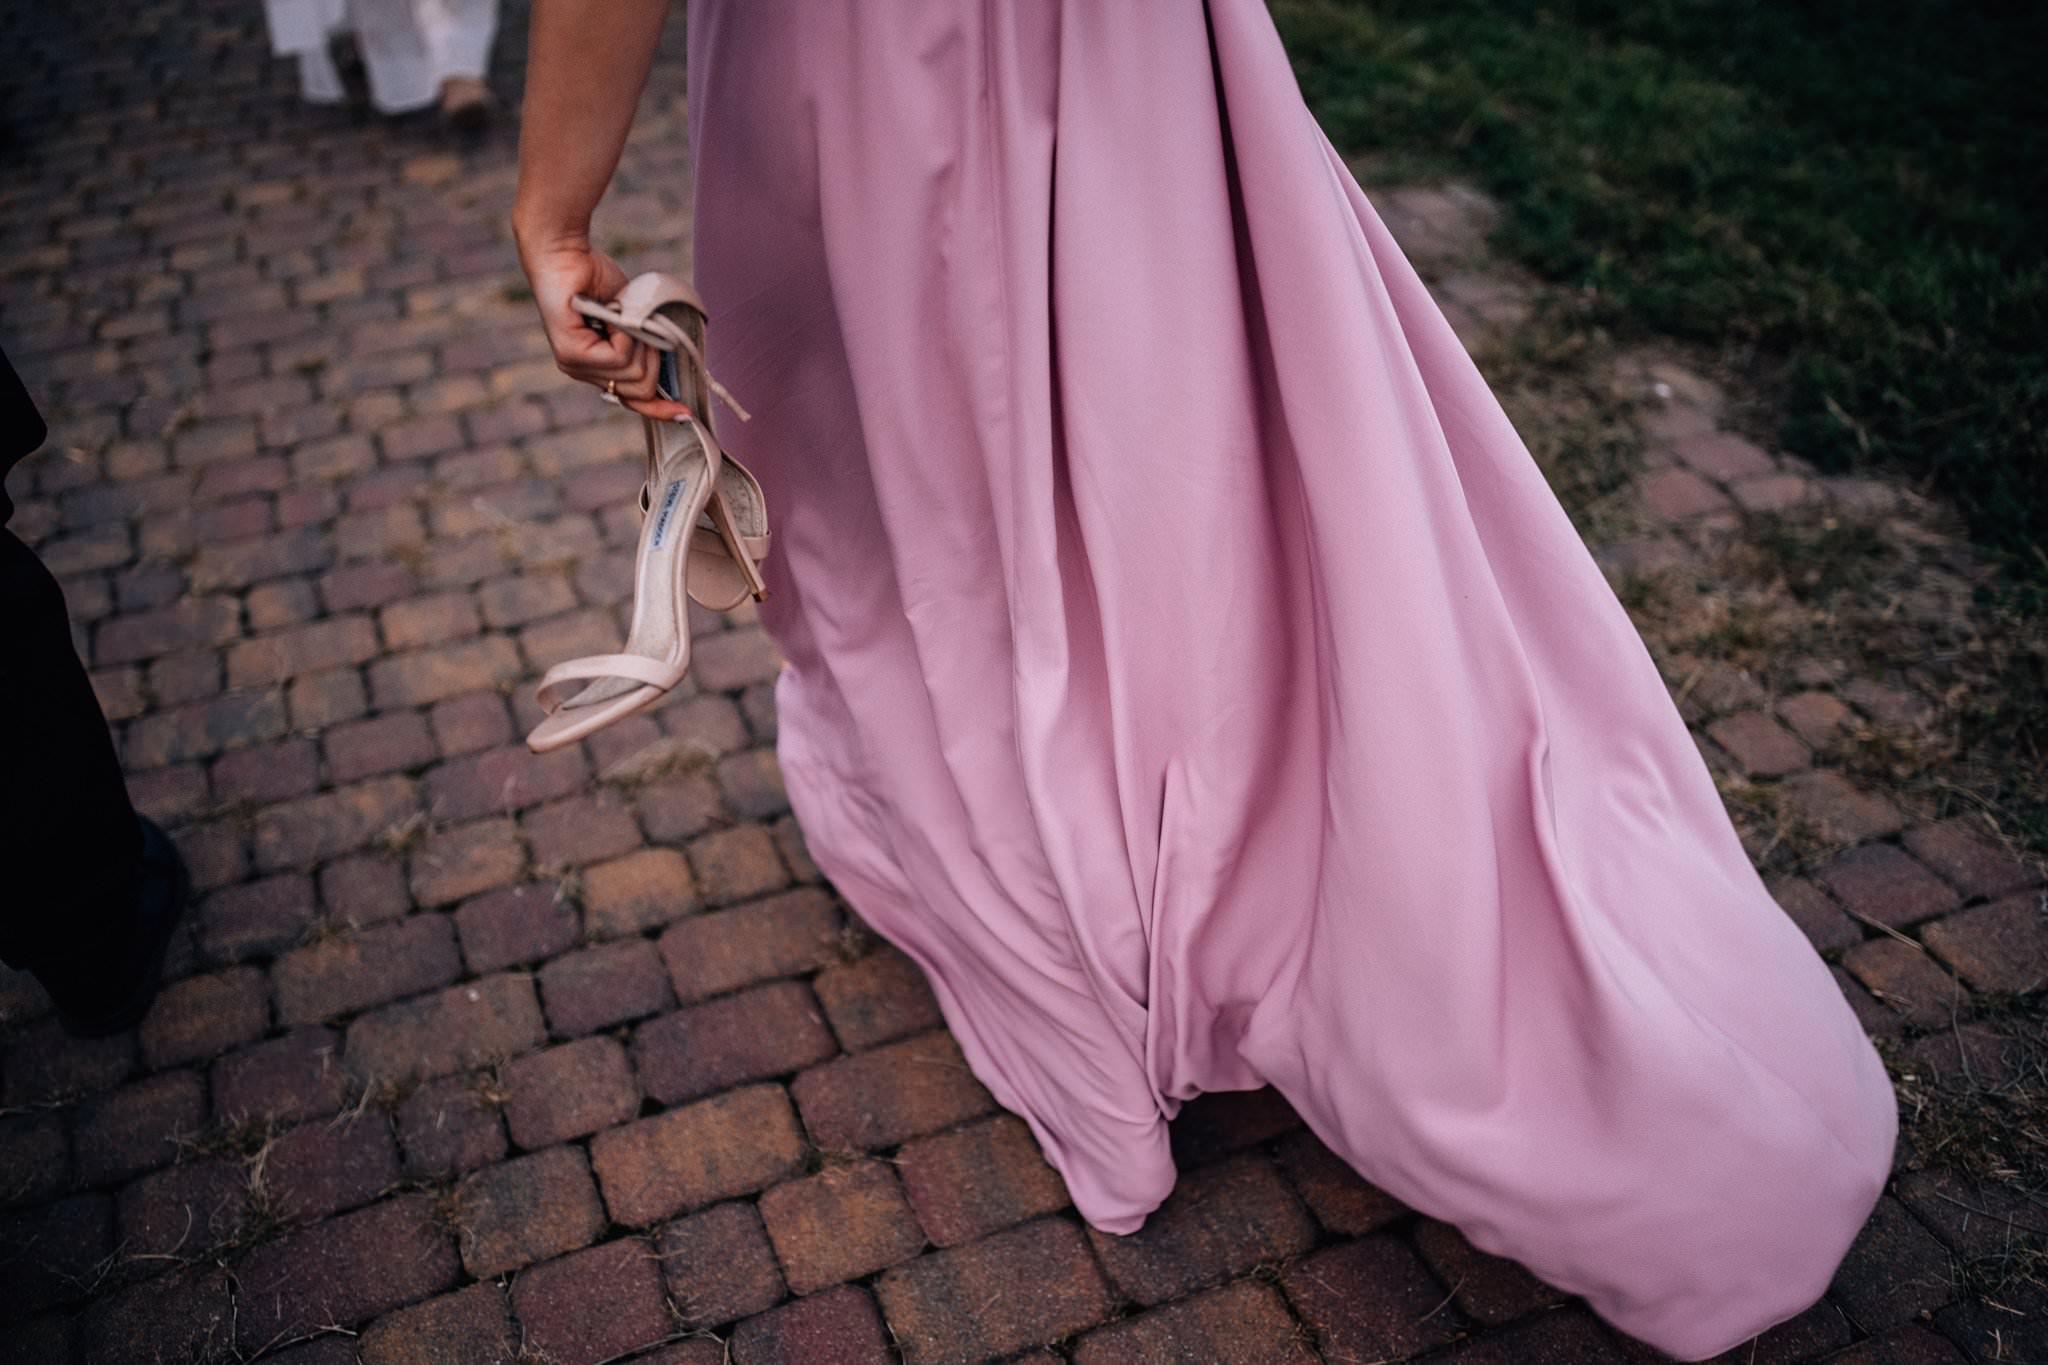 Love Needs suknia druhny na ślubie